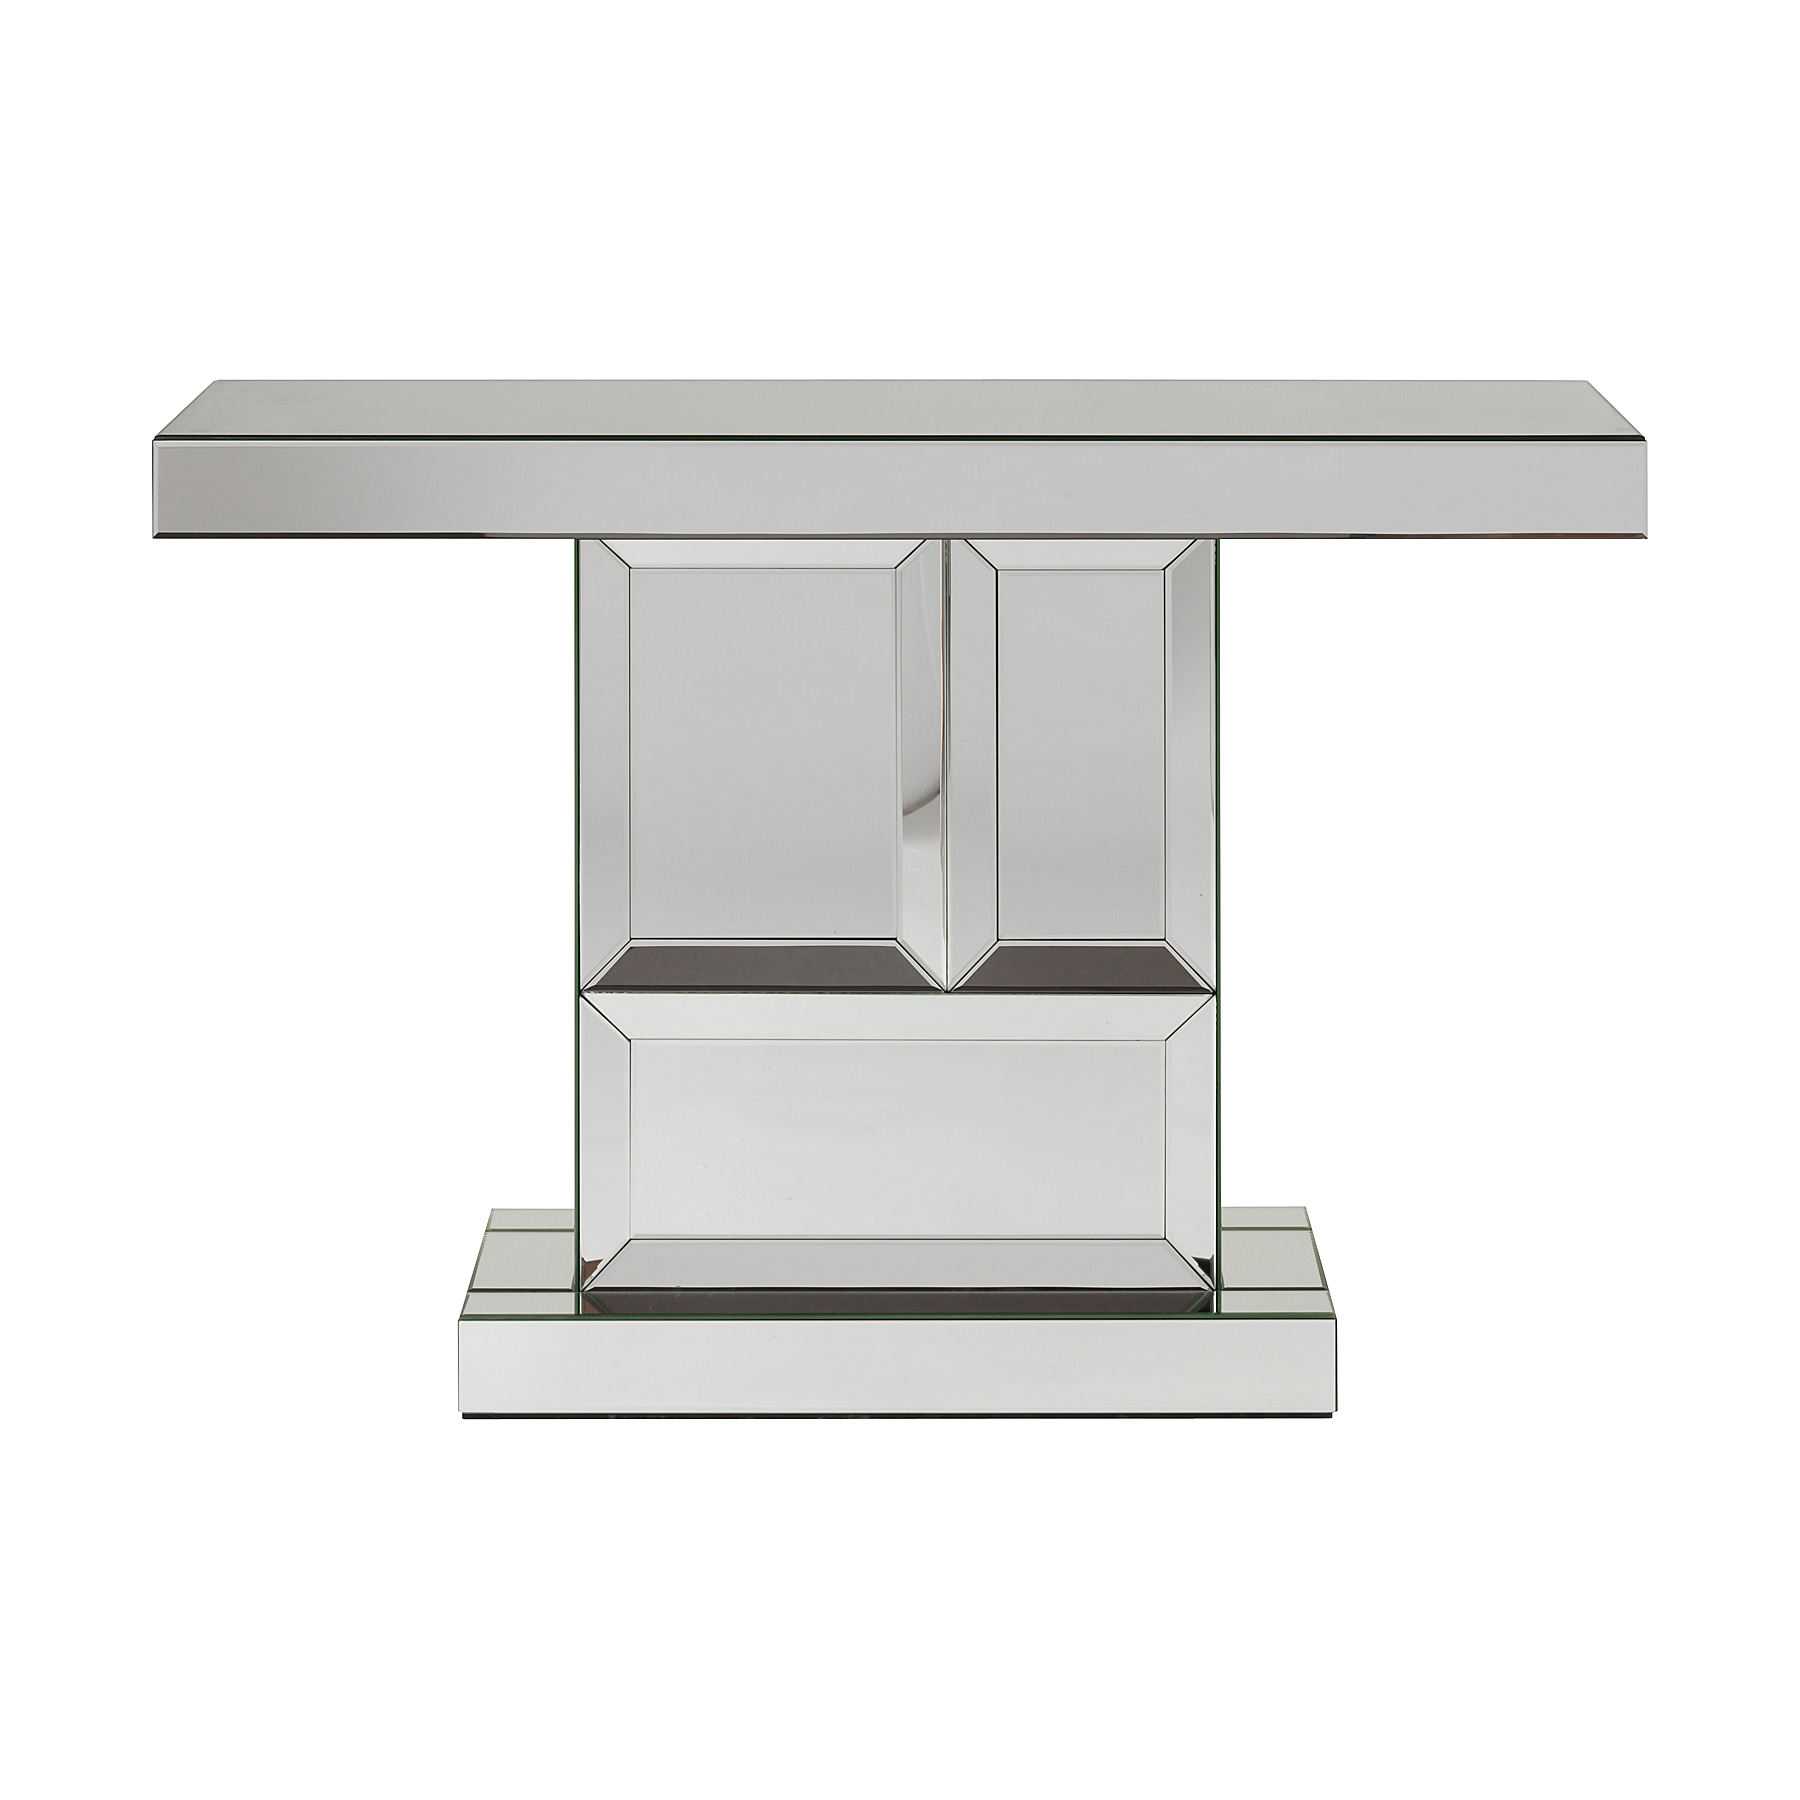 Зеркальный консольный столик MulhouseИнтерьерные консоли<br><br><br>Material: Стекло<br>Width см: 120<br>Depth см: 35,5<br>Height см: 80